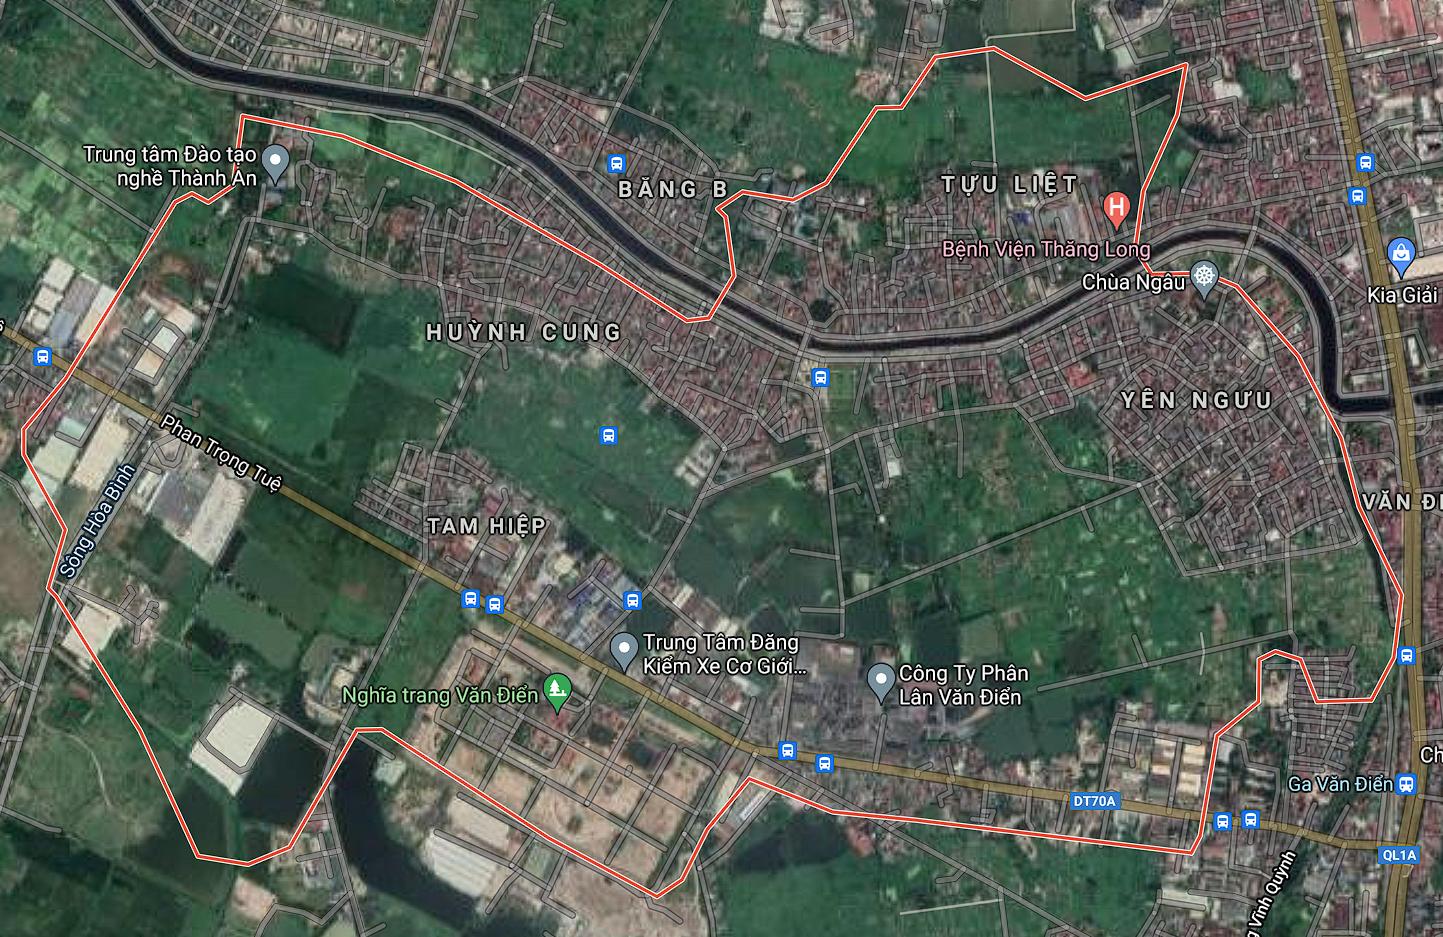 Bản đồ quy hoạch sử dụng đất xã Tam Hiệp, Thanh Trì, Hà Nội - Ảnh 1.